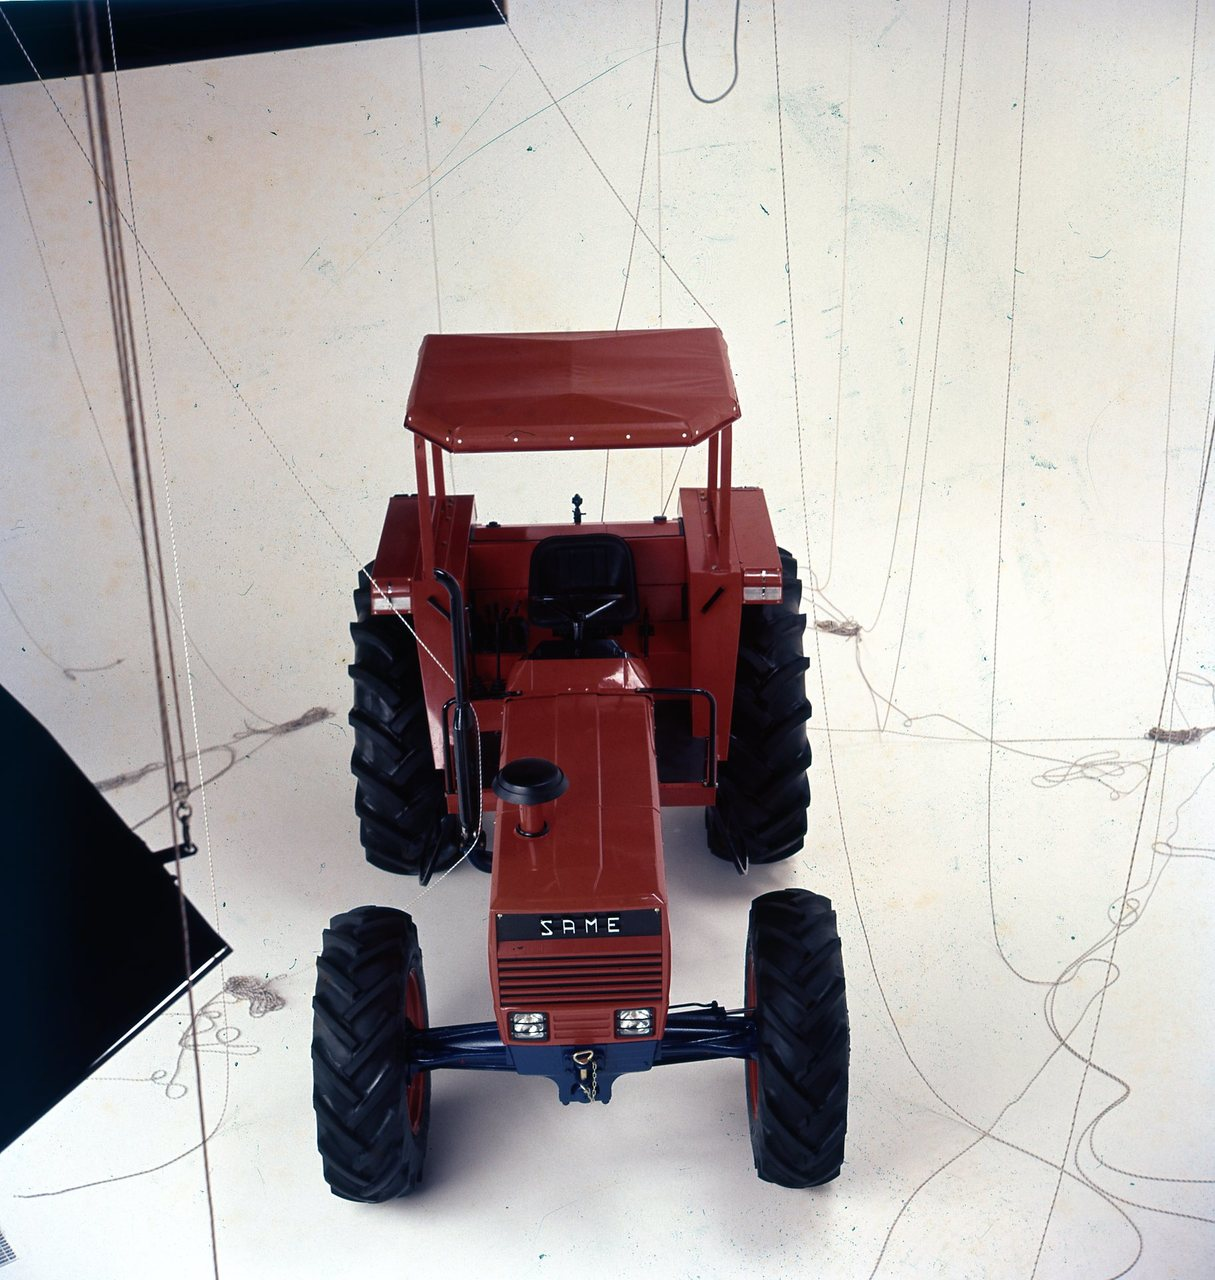 [SAME] trattore Tiger 100 in studio fotografico